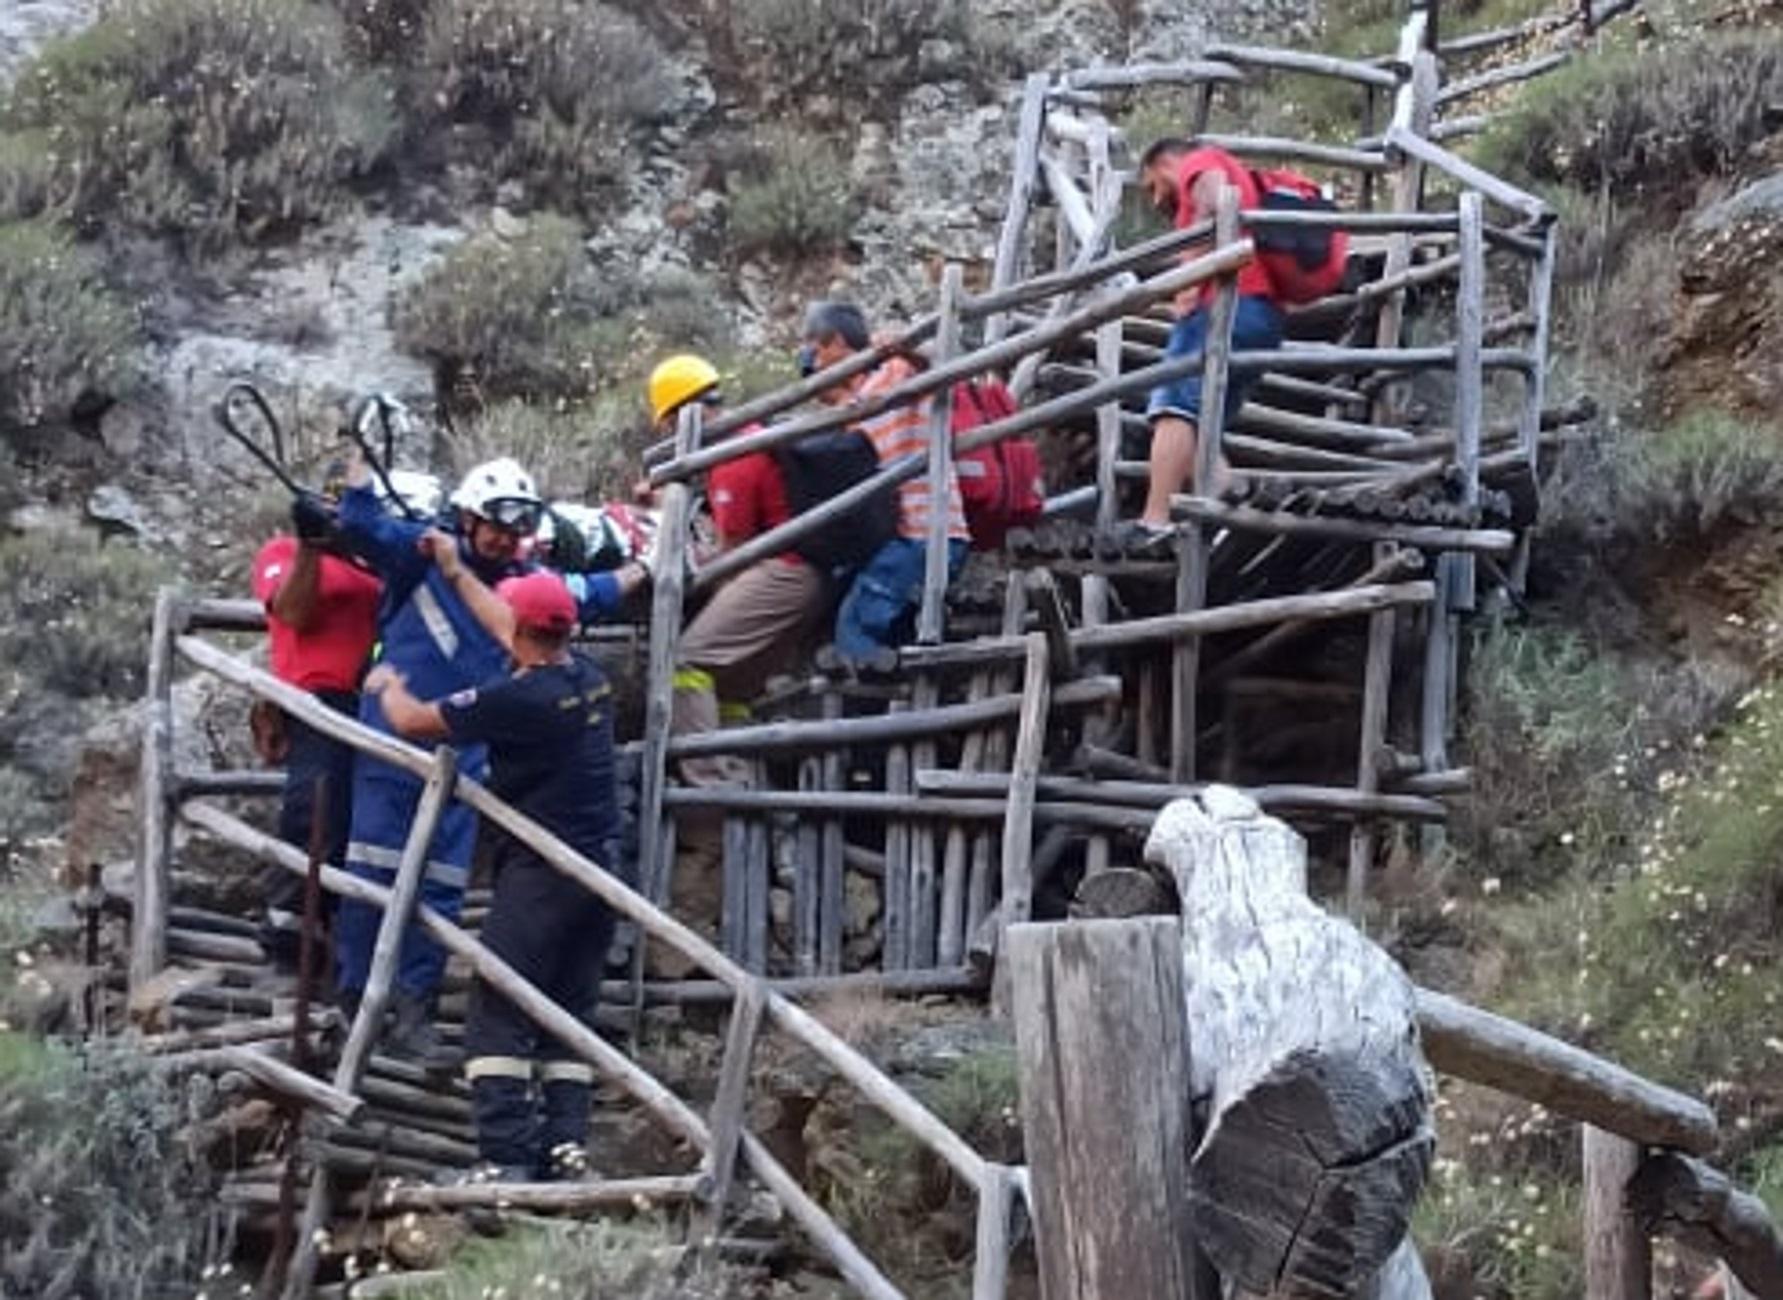 Λασίθι: Οι εικόνες της δραματικής διάσωσης Γαλλίδας τουρίστριας που στραβοπάτησε στο φαράγγι του Ρίχτη